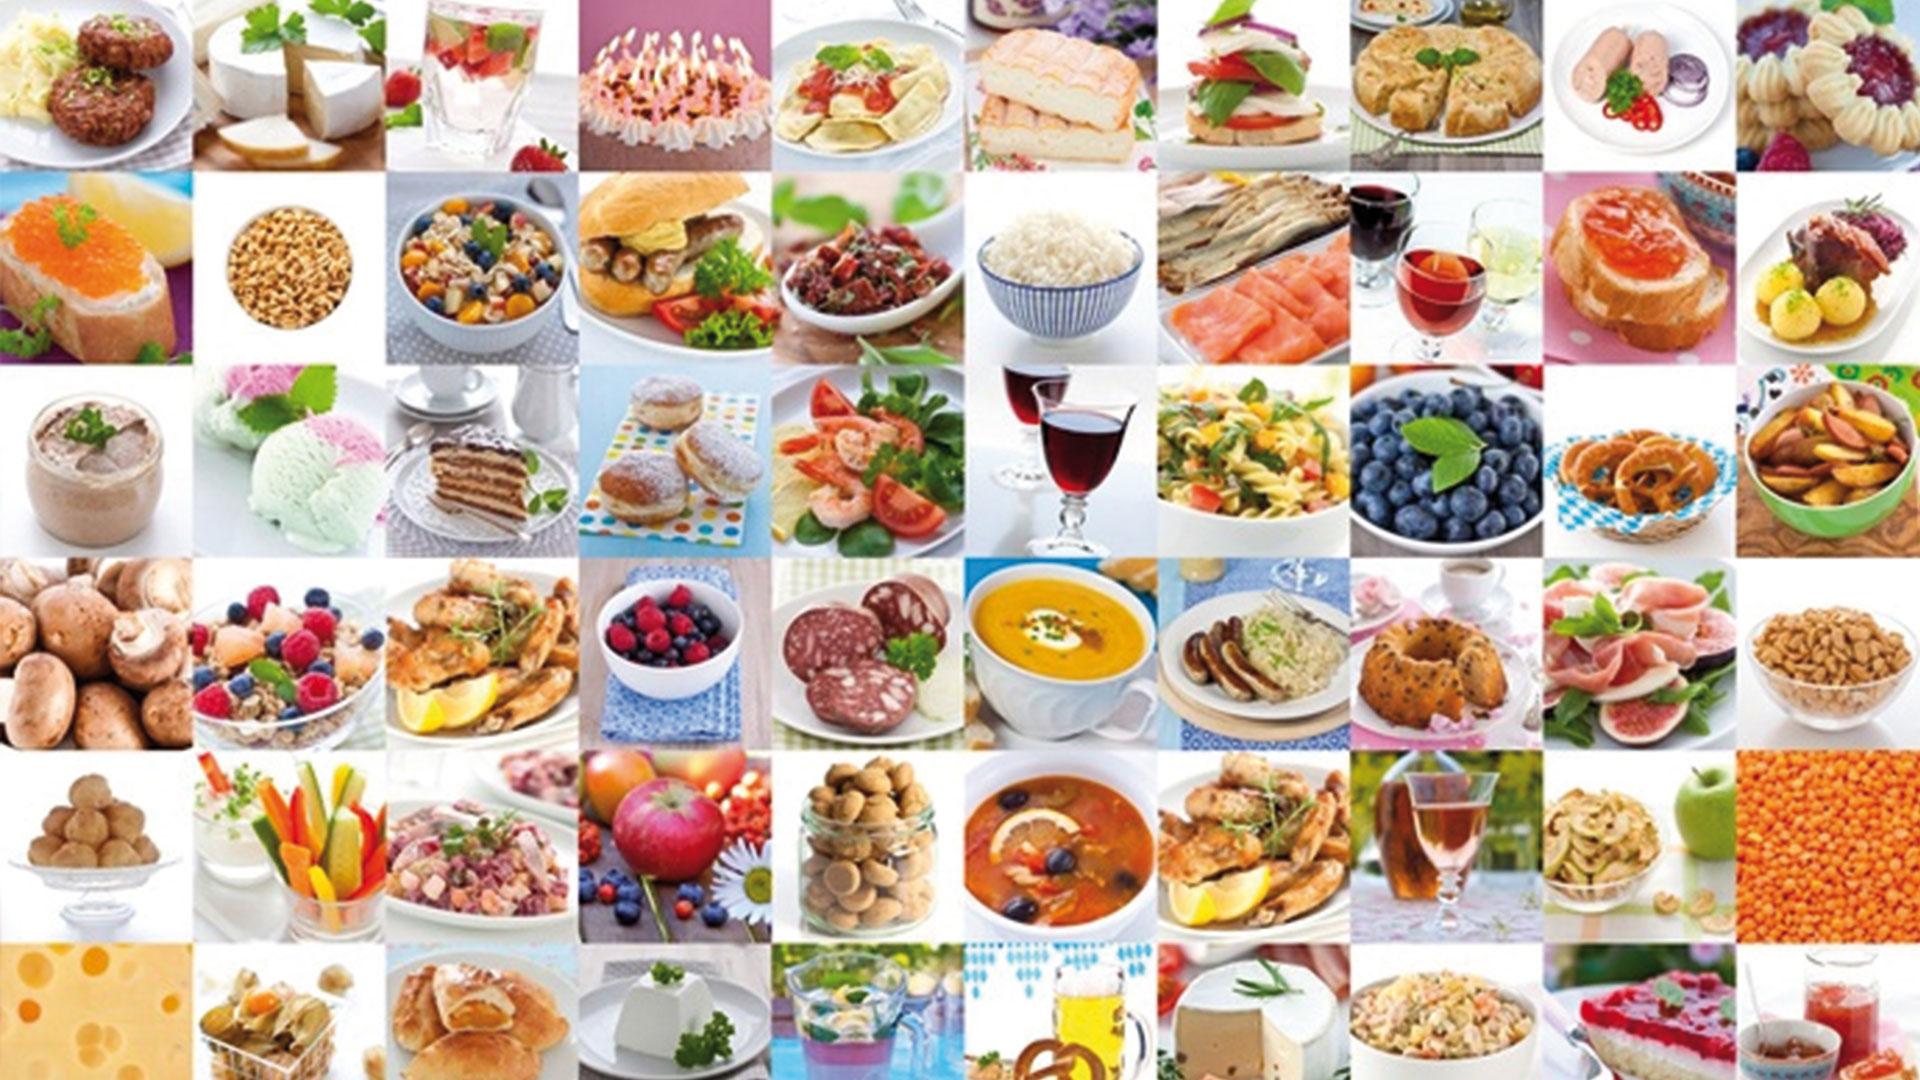 Welche Lebensmittel zum Abnehmen? - Hilfe beim Abnehmen